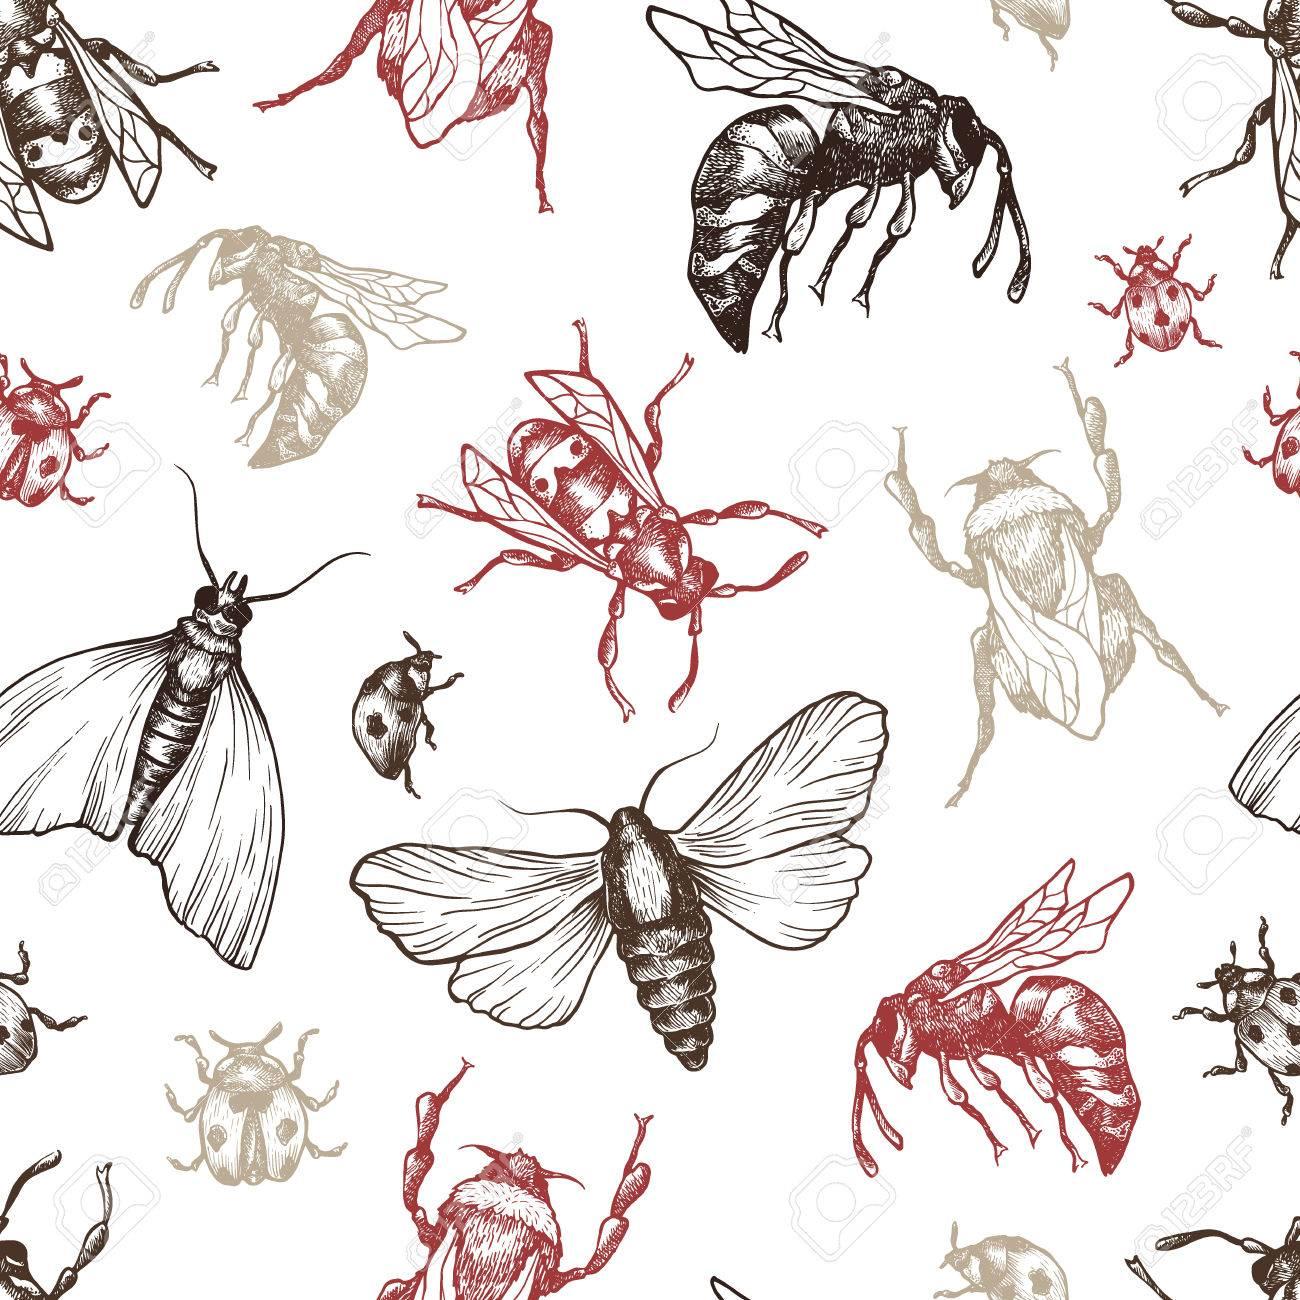 Dibujado A Mano Vector Patrón Con Los Insectos En Diferentes Poses ...